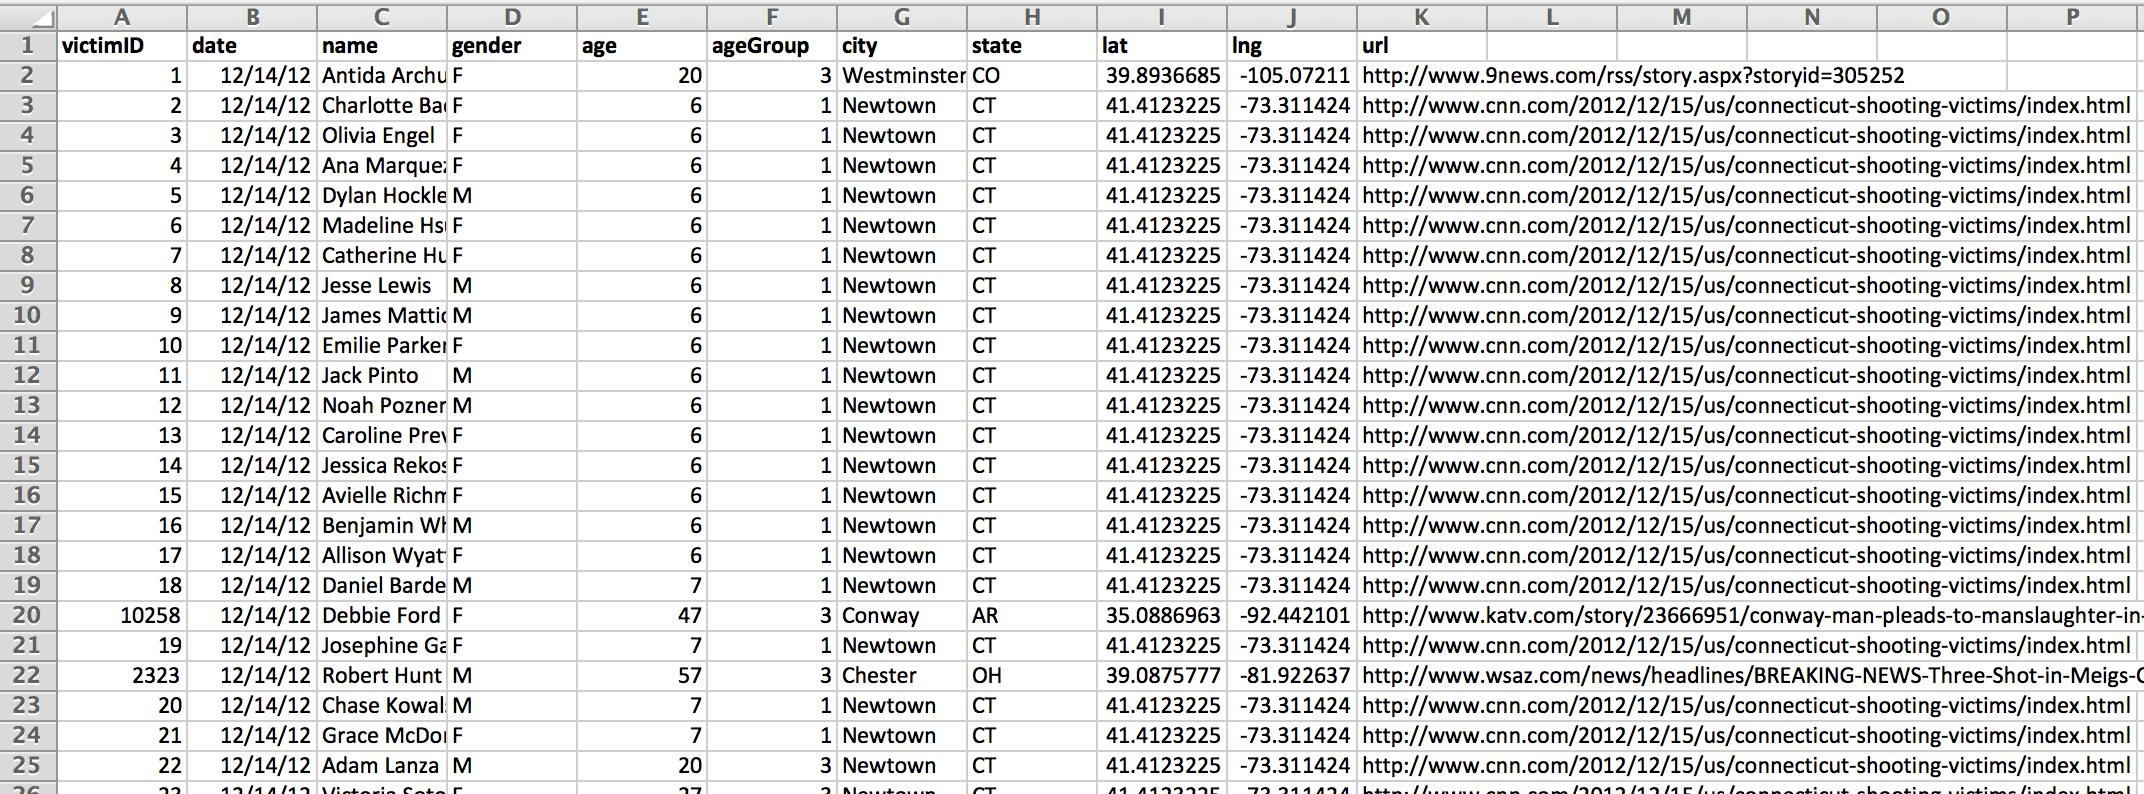 Tracking Shootings, Mass Shootings, and Mass Killings